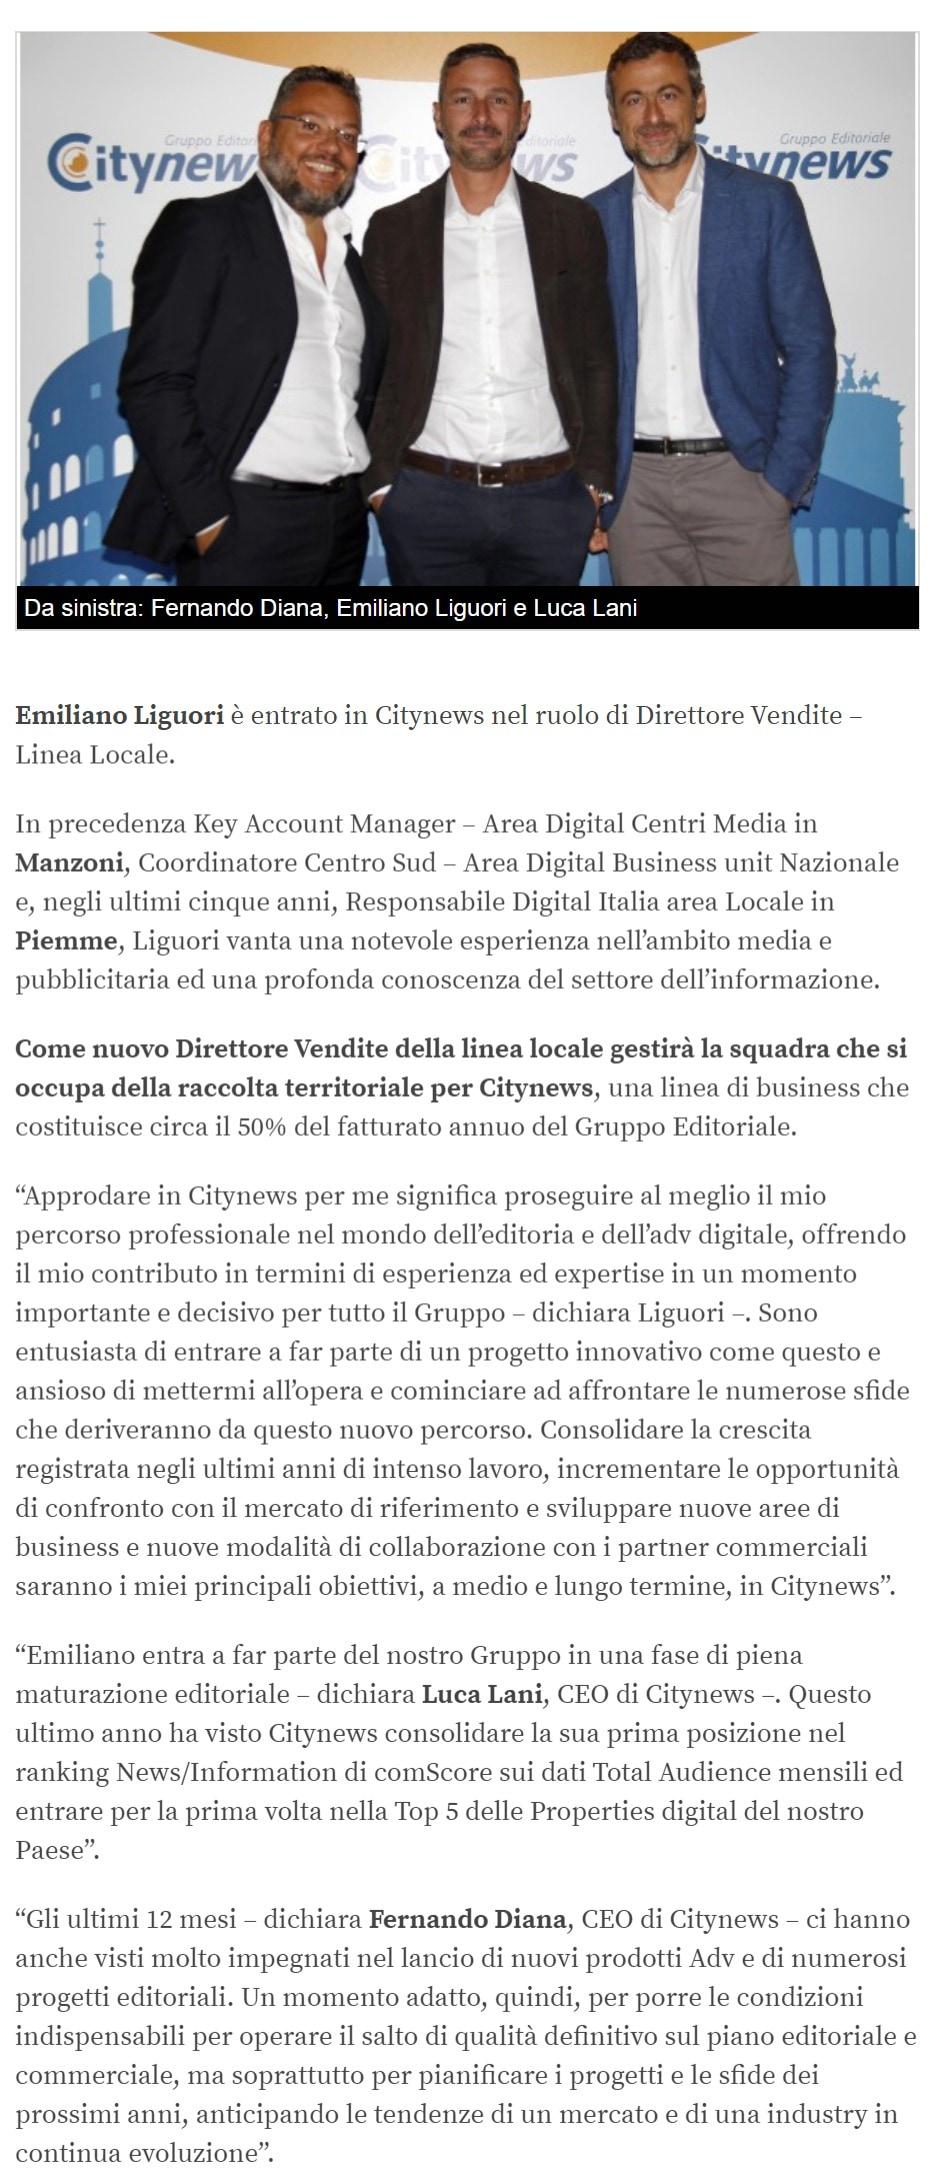 Emiliano Liguori entra in Citynews nel ruolo di Direttore Vendite – Linea Locale - Engage, 28 ottobre 2019-2